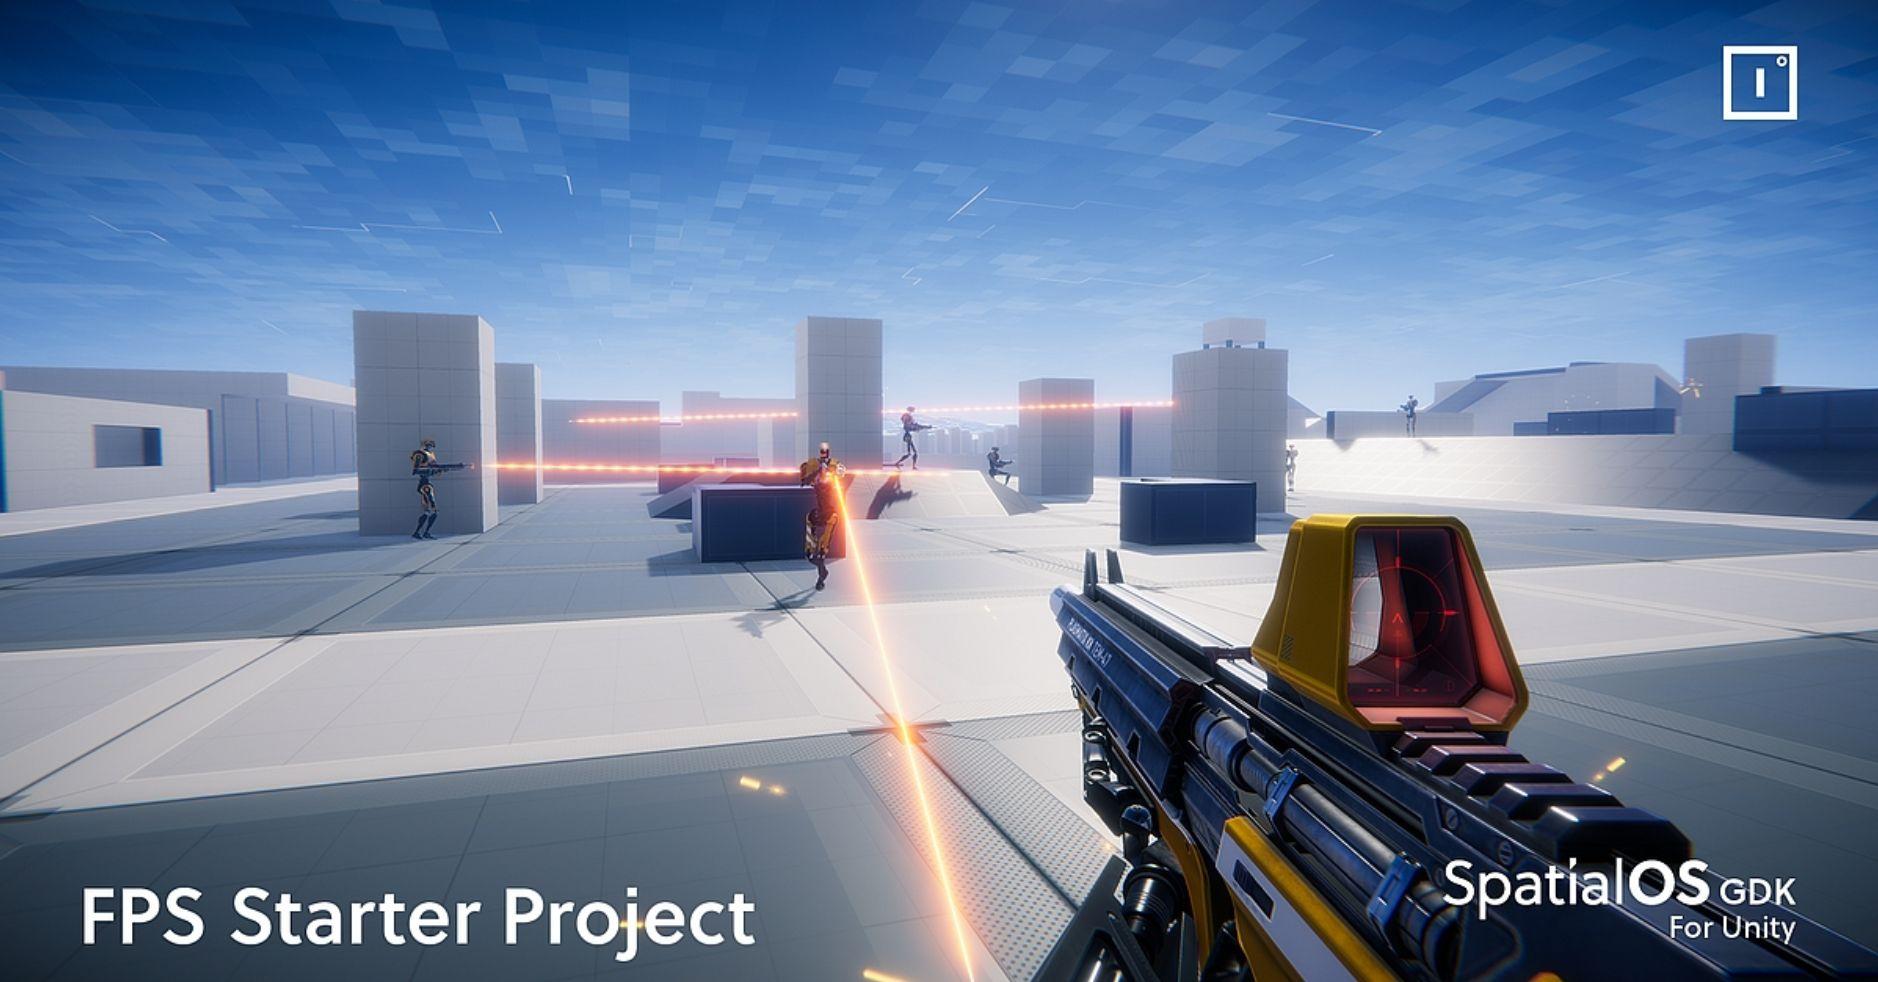 Massive game platform SpatialOS now lets devs build a 200-player